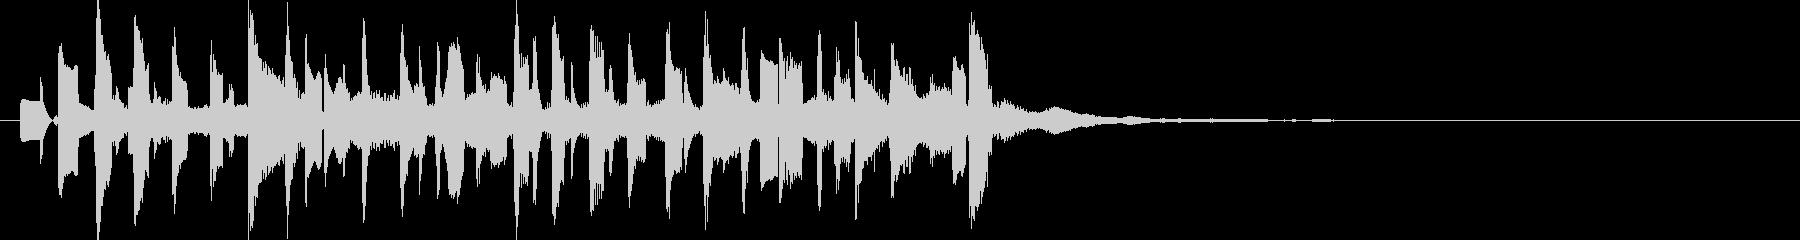 電子音中心のトキメキ系ジングルの未再生の波形